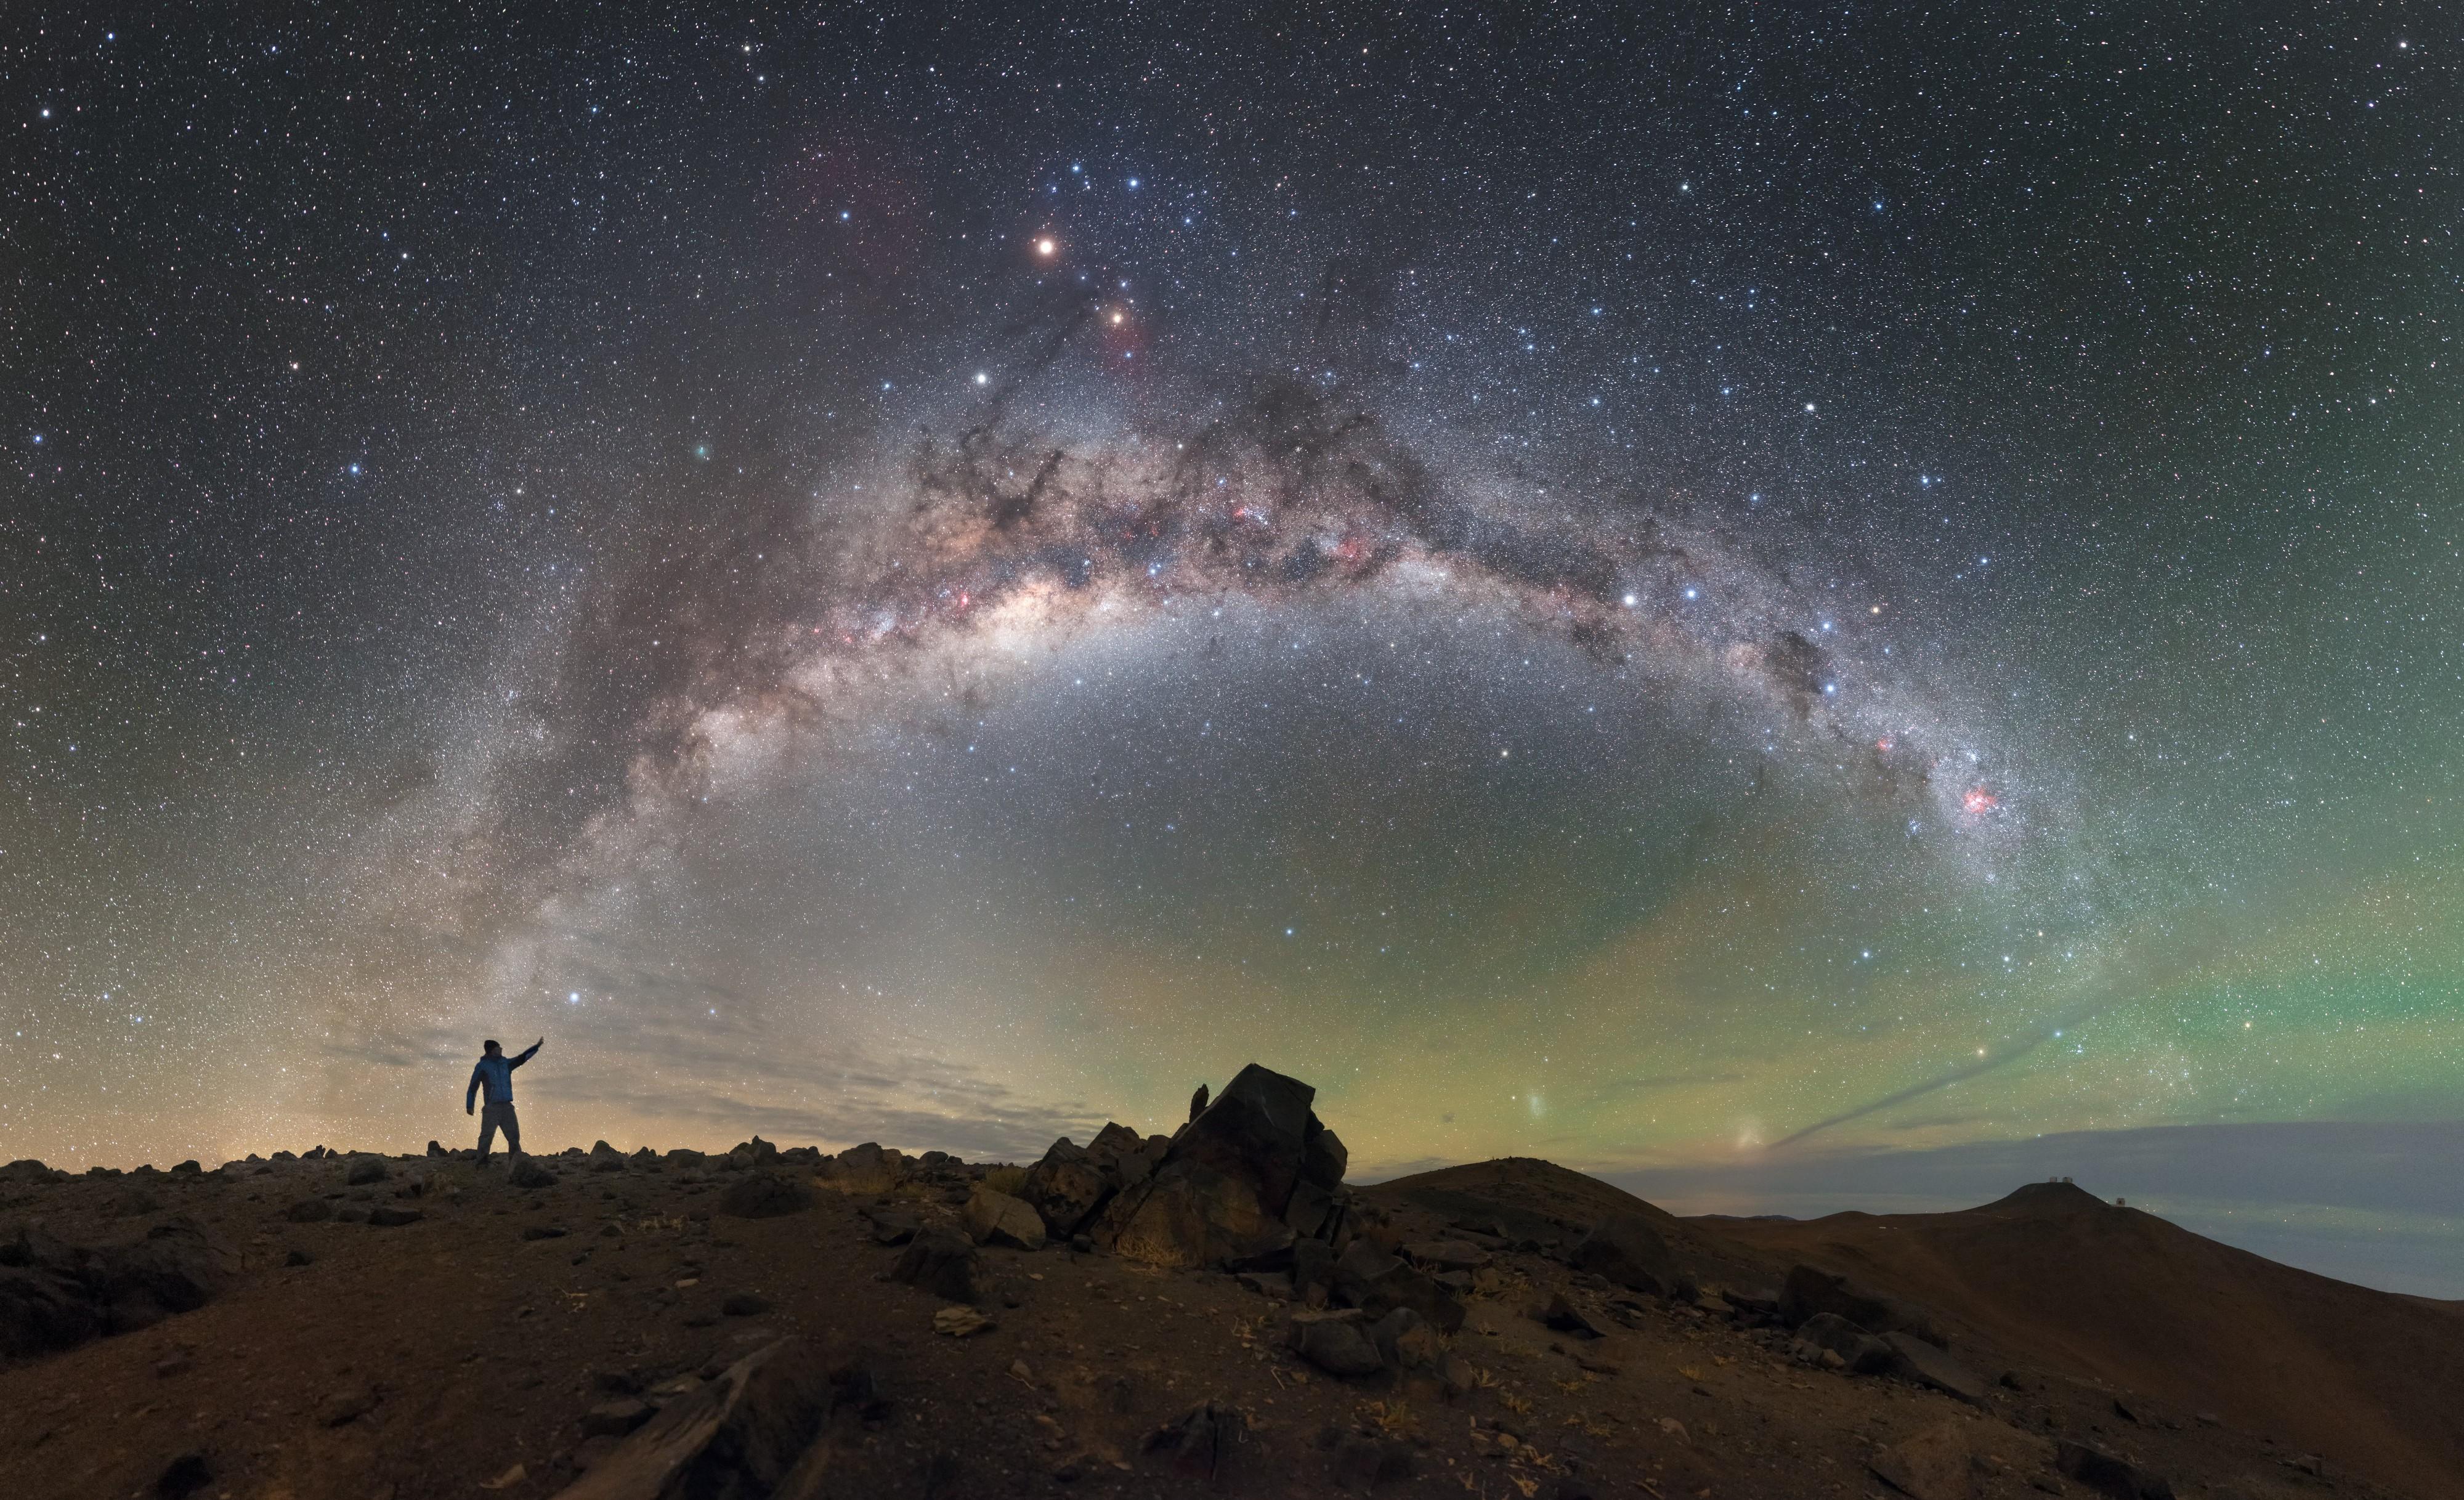 Petr Horálek fotografou o céu do Observatório Paranal e recebeu uma menção honrosa (Foto: Petr Horálek  / Divulgação)